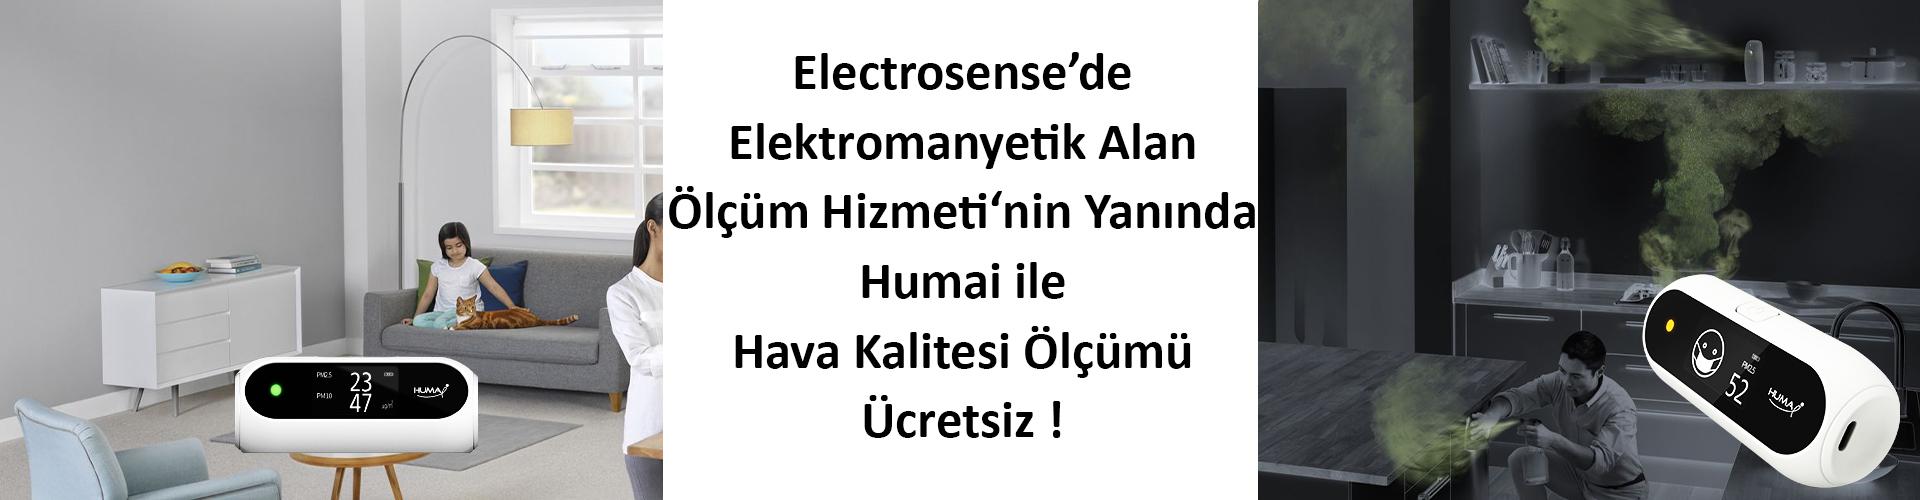 electrosense-humai-ücretsiz